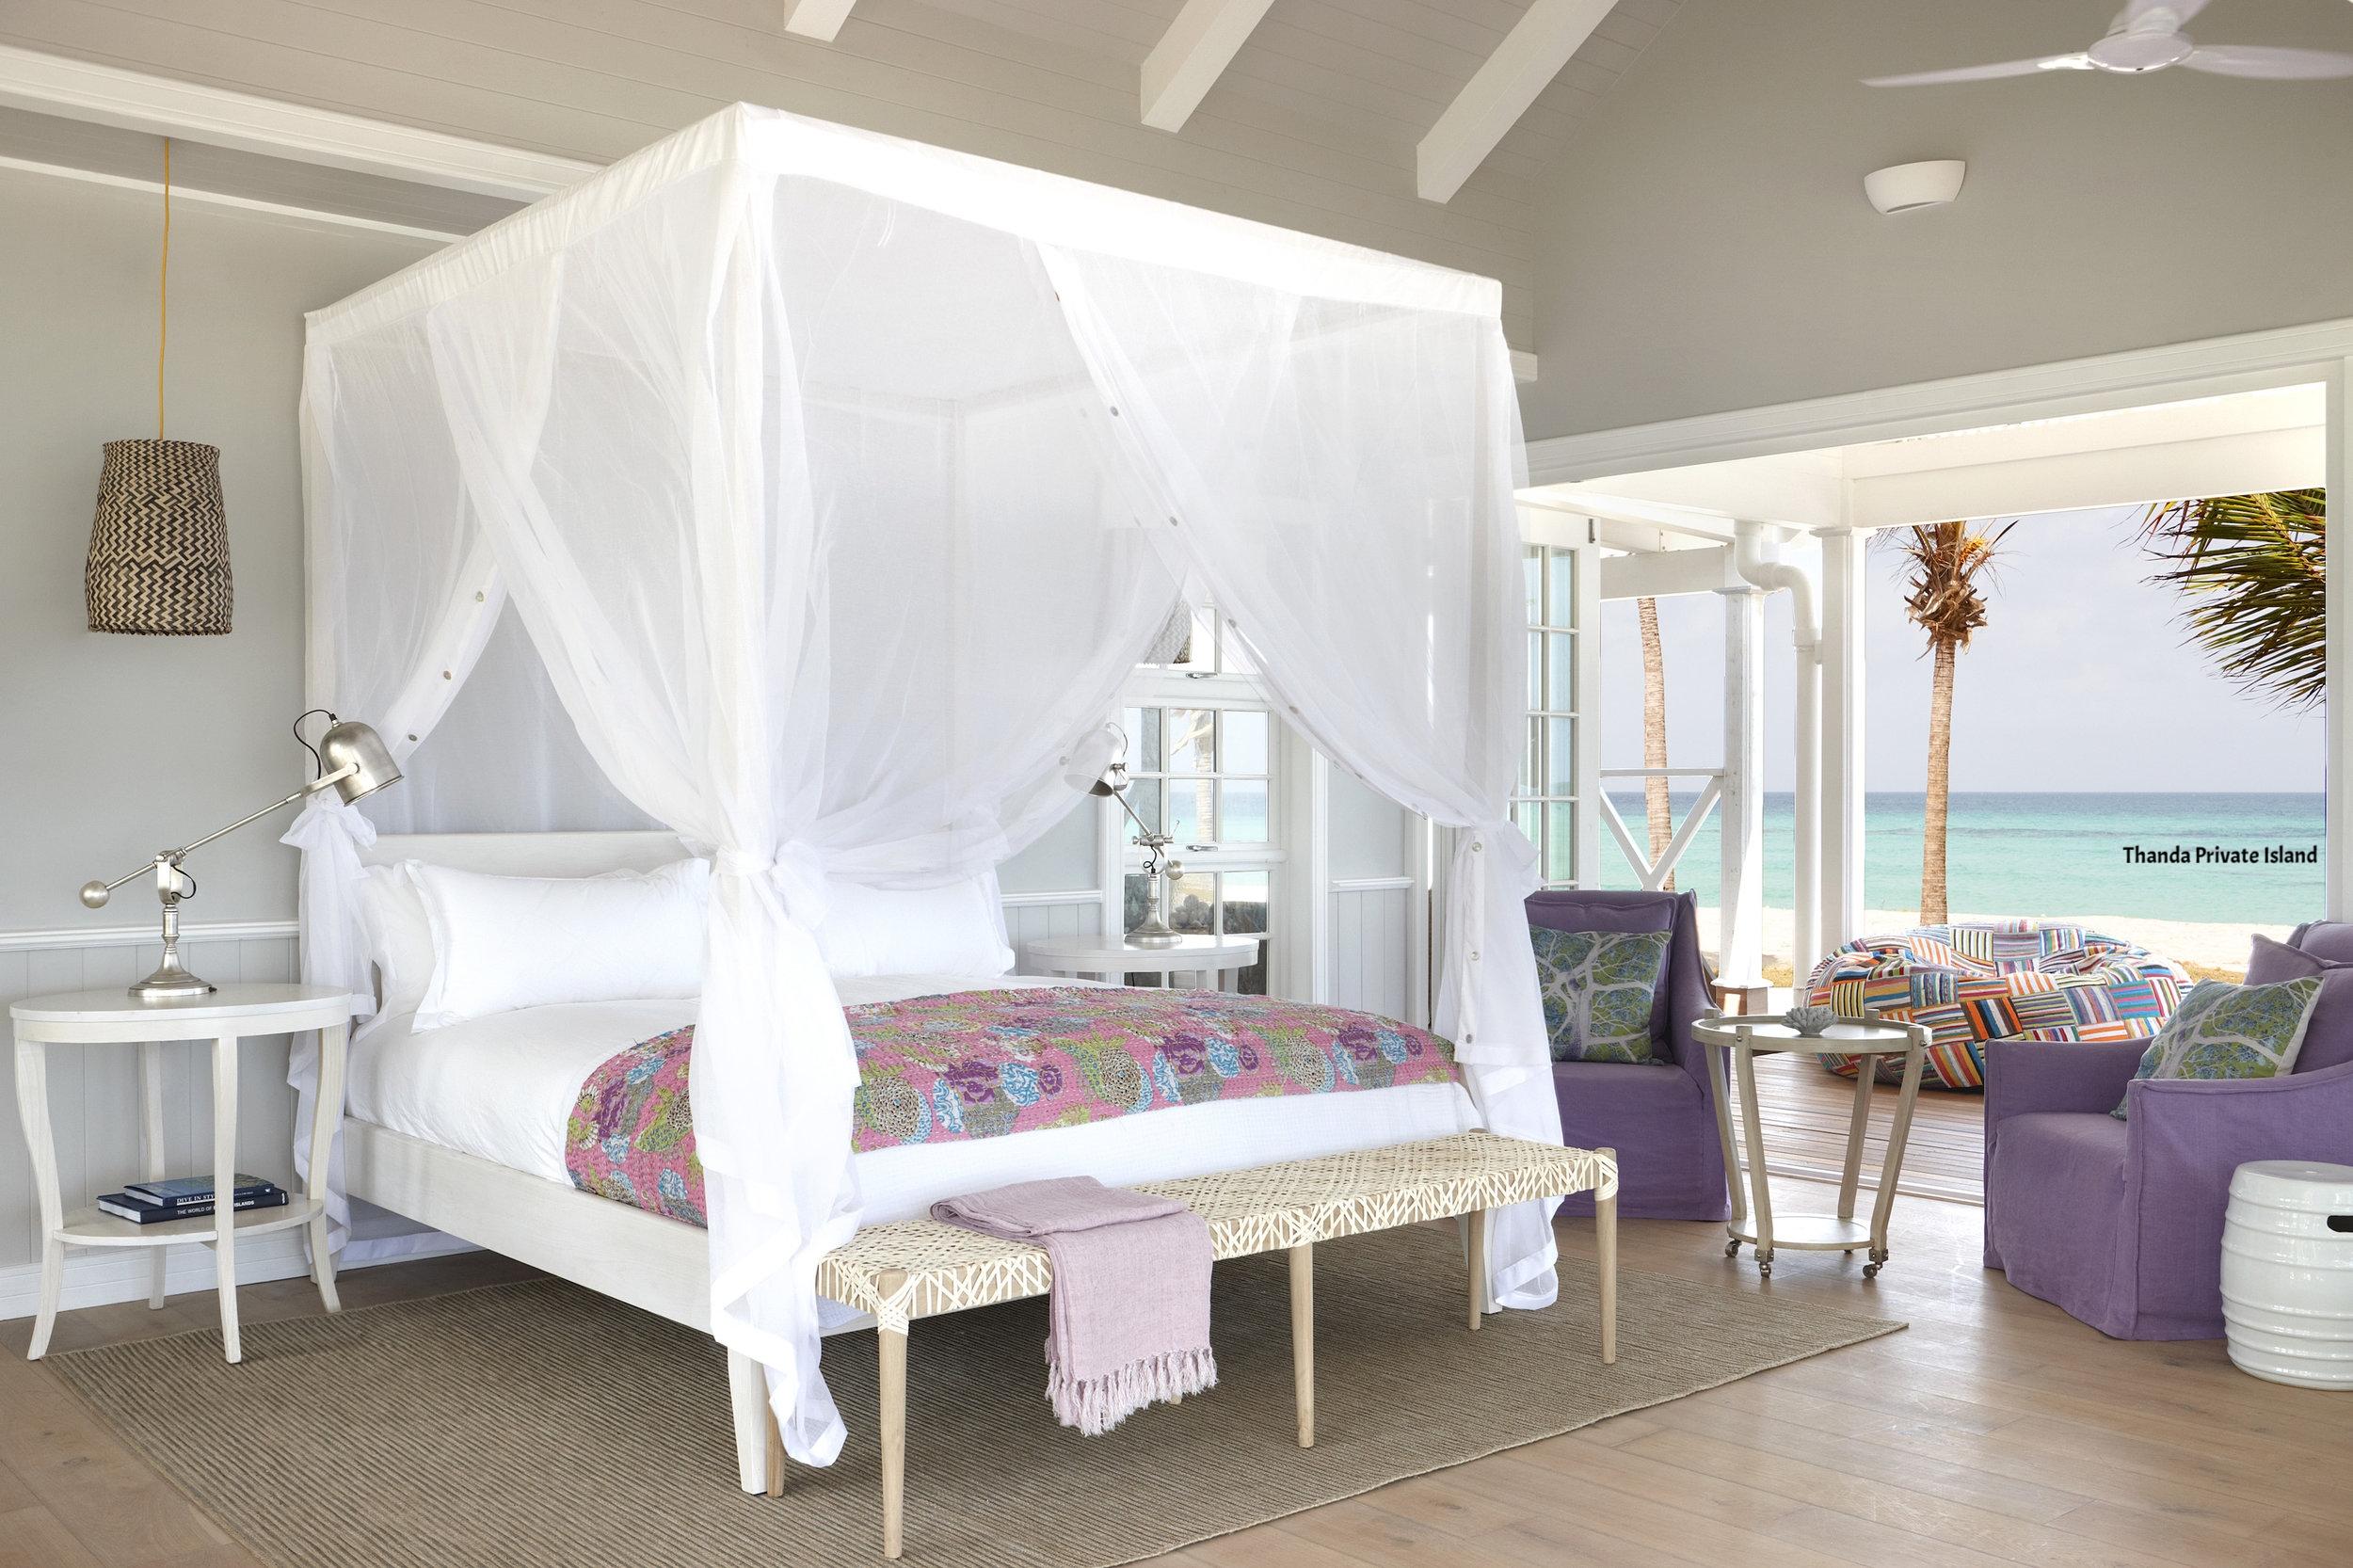 Thanda_Island_Villa_Guest Room_takims_holidays.jpg